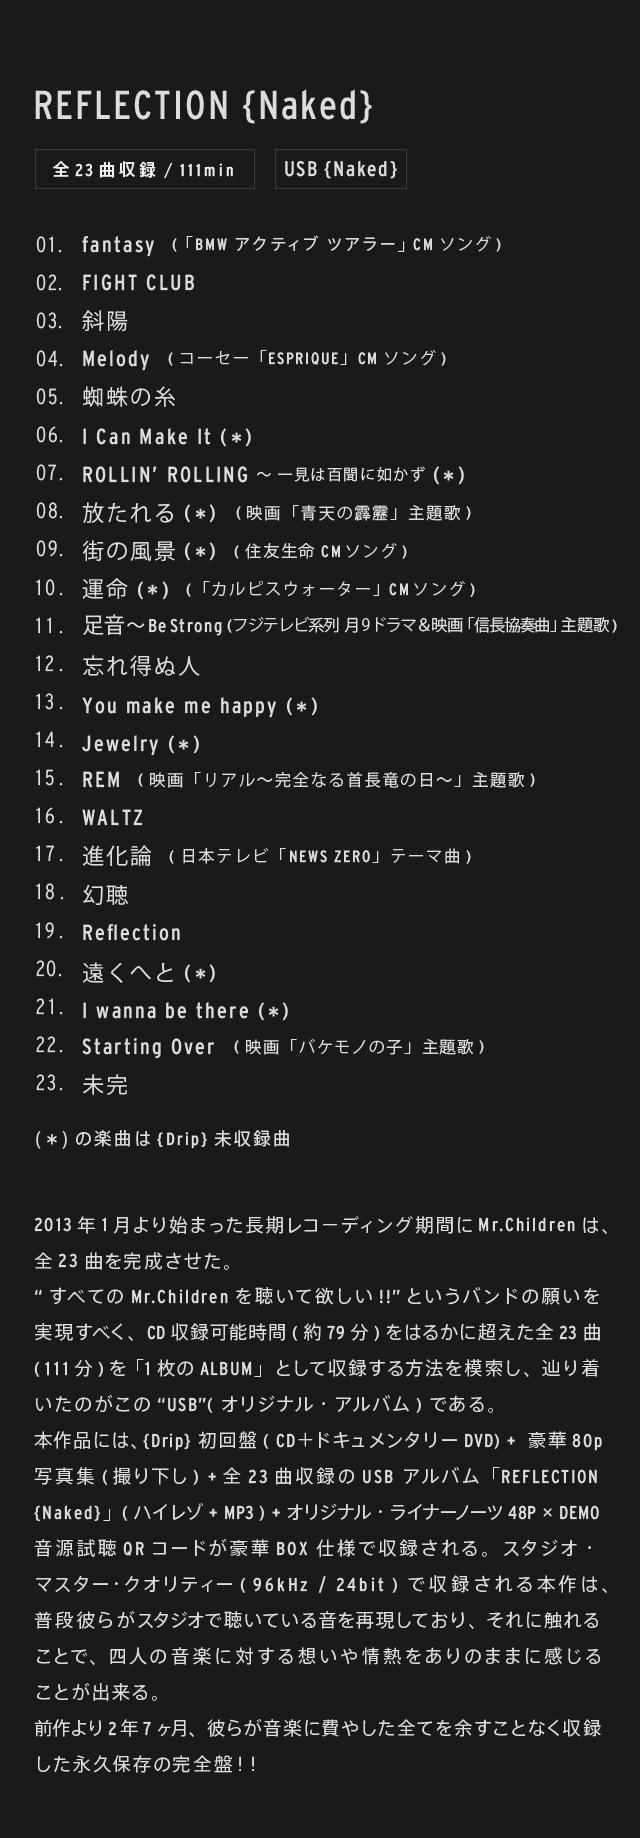 Mr.Children | New Album REFLECTION | TOY'S FACTORY Children